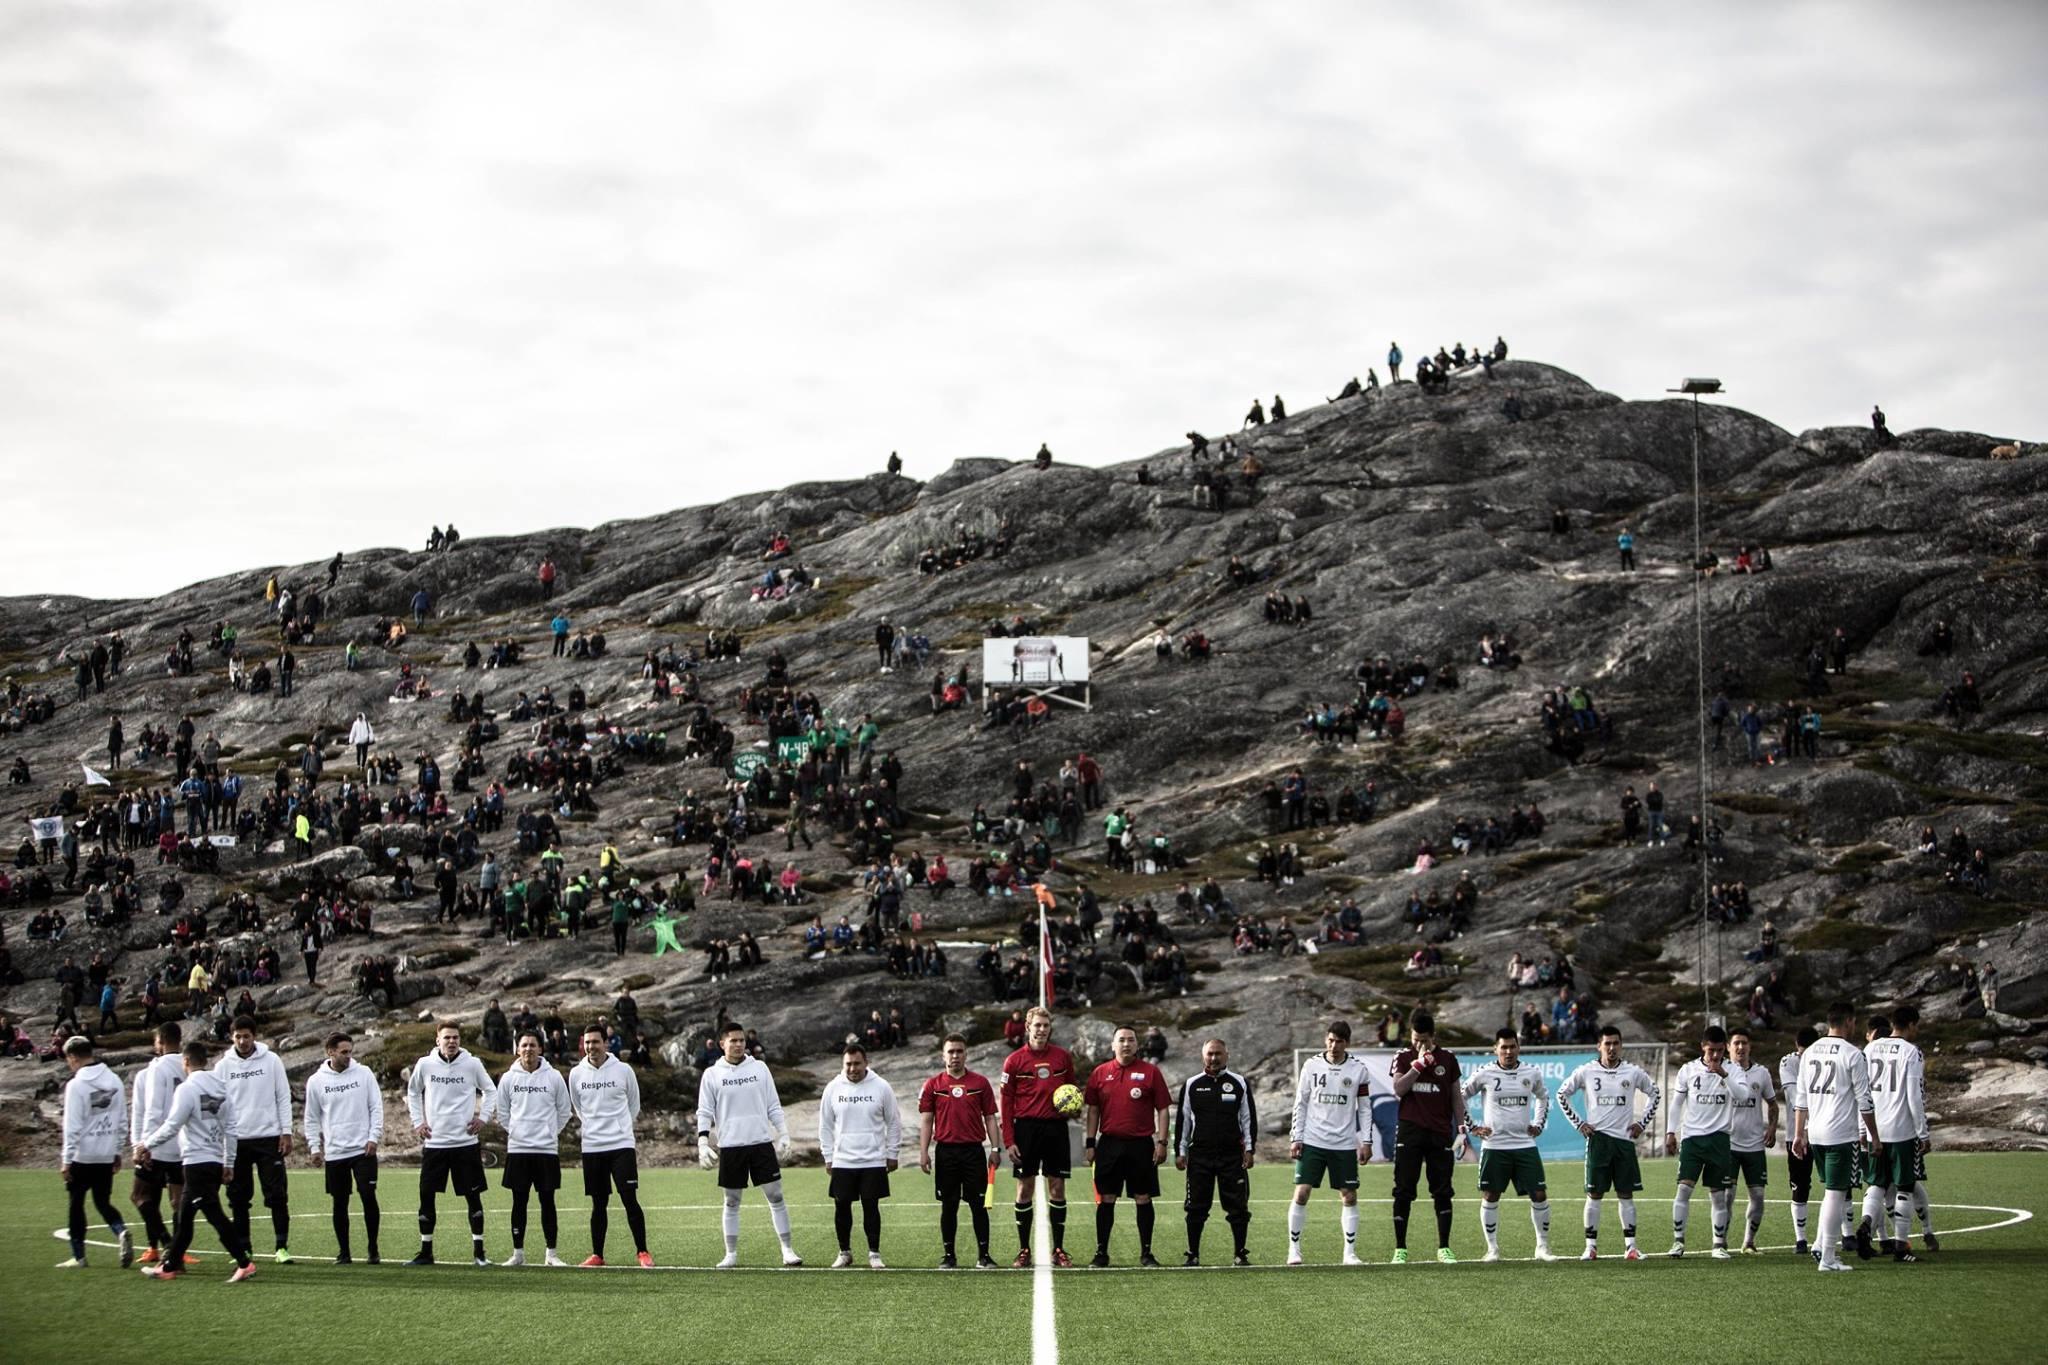 Самое короткое футбольное соревнование в мире: в Гренландии сезон длится одну неделю (+Фото, Видео) - изображение 6